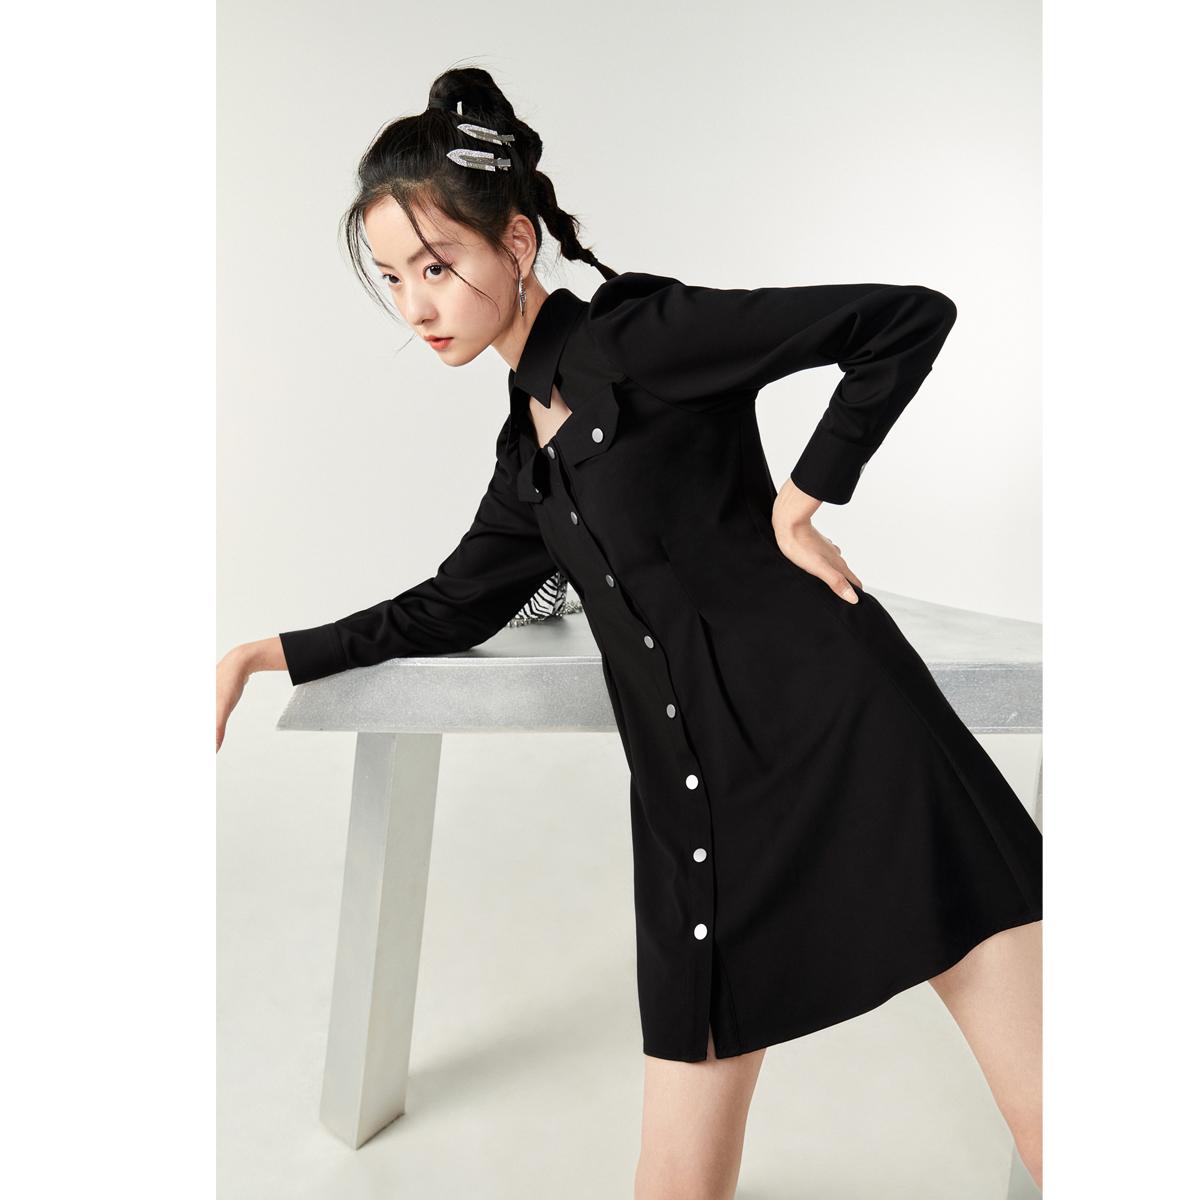 太平鸟格纹收腰连衣裙,衬衫裙结合镂空设计